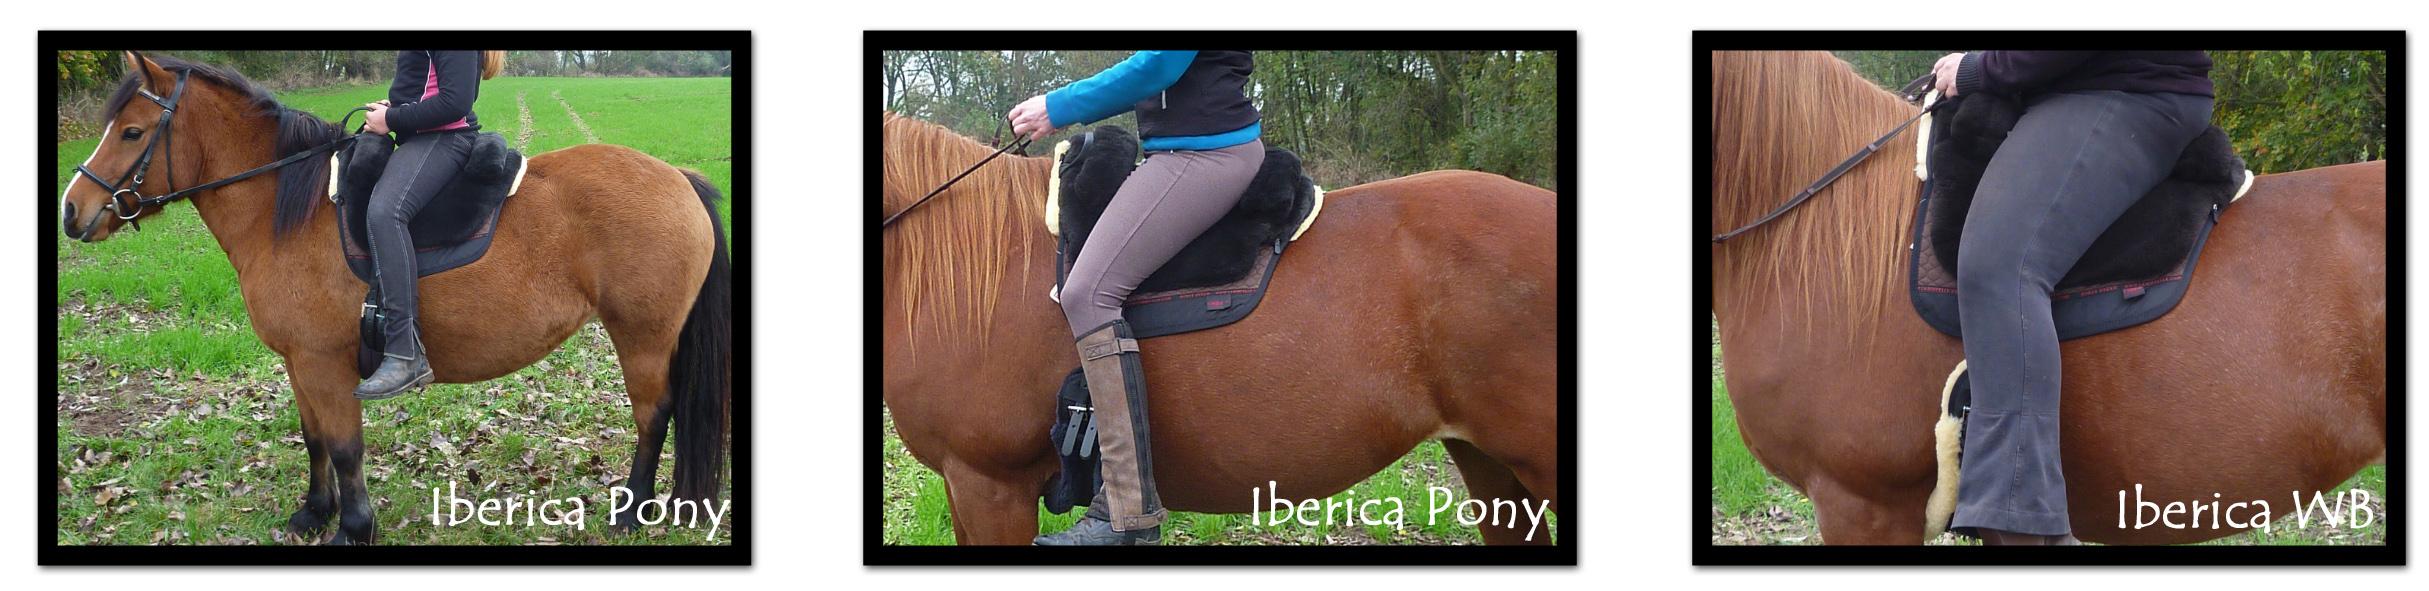 Größenvergleich Iberica Pony und Iberica Warmblut und Grandeur